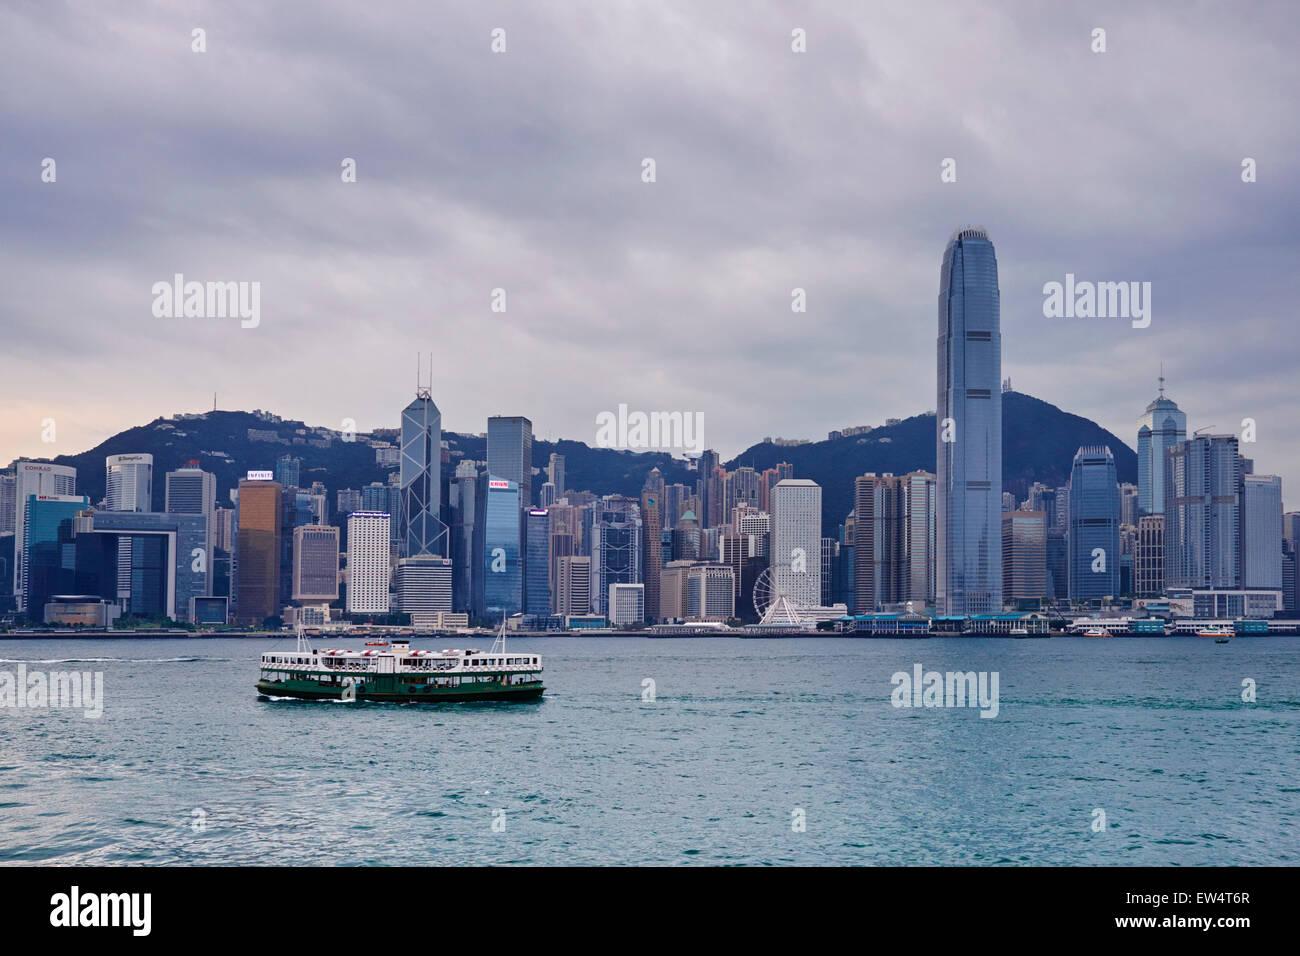 China, Hong Kong, Central from Kowloon - Stock Image